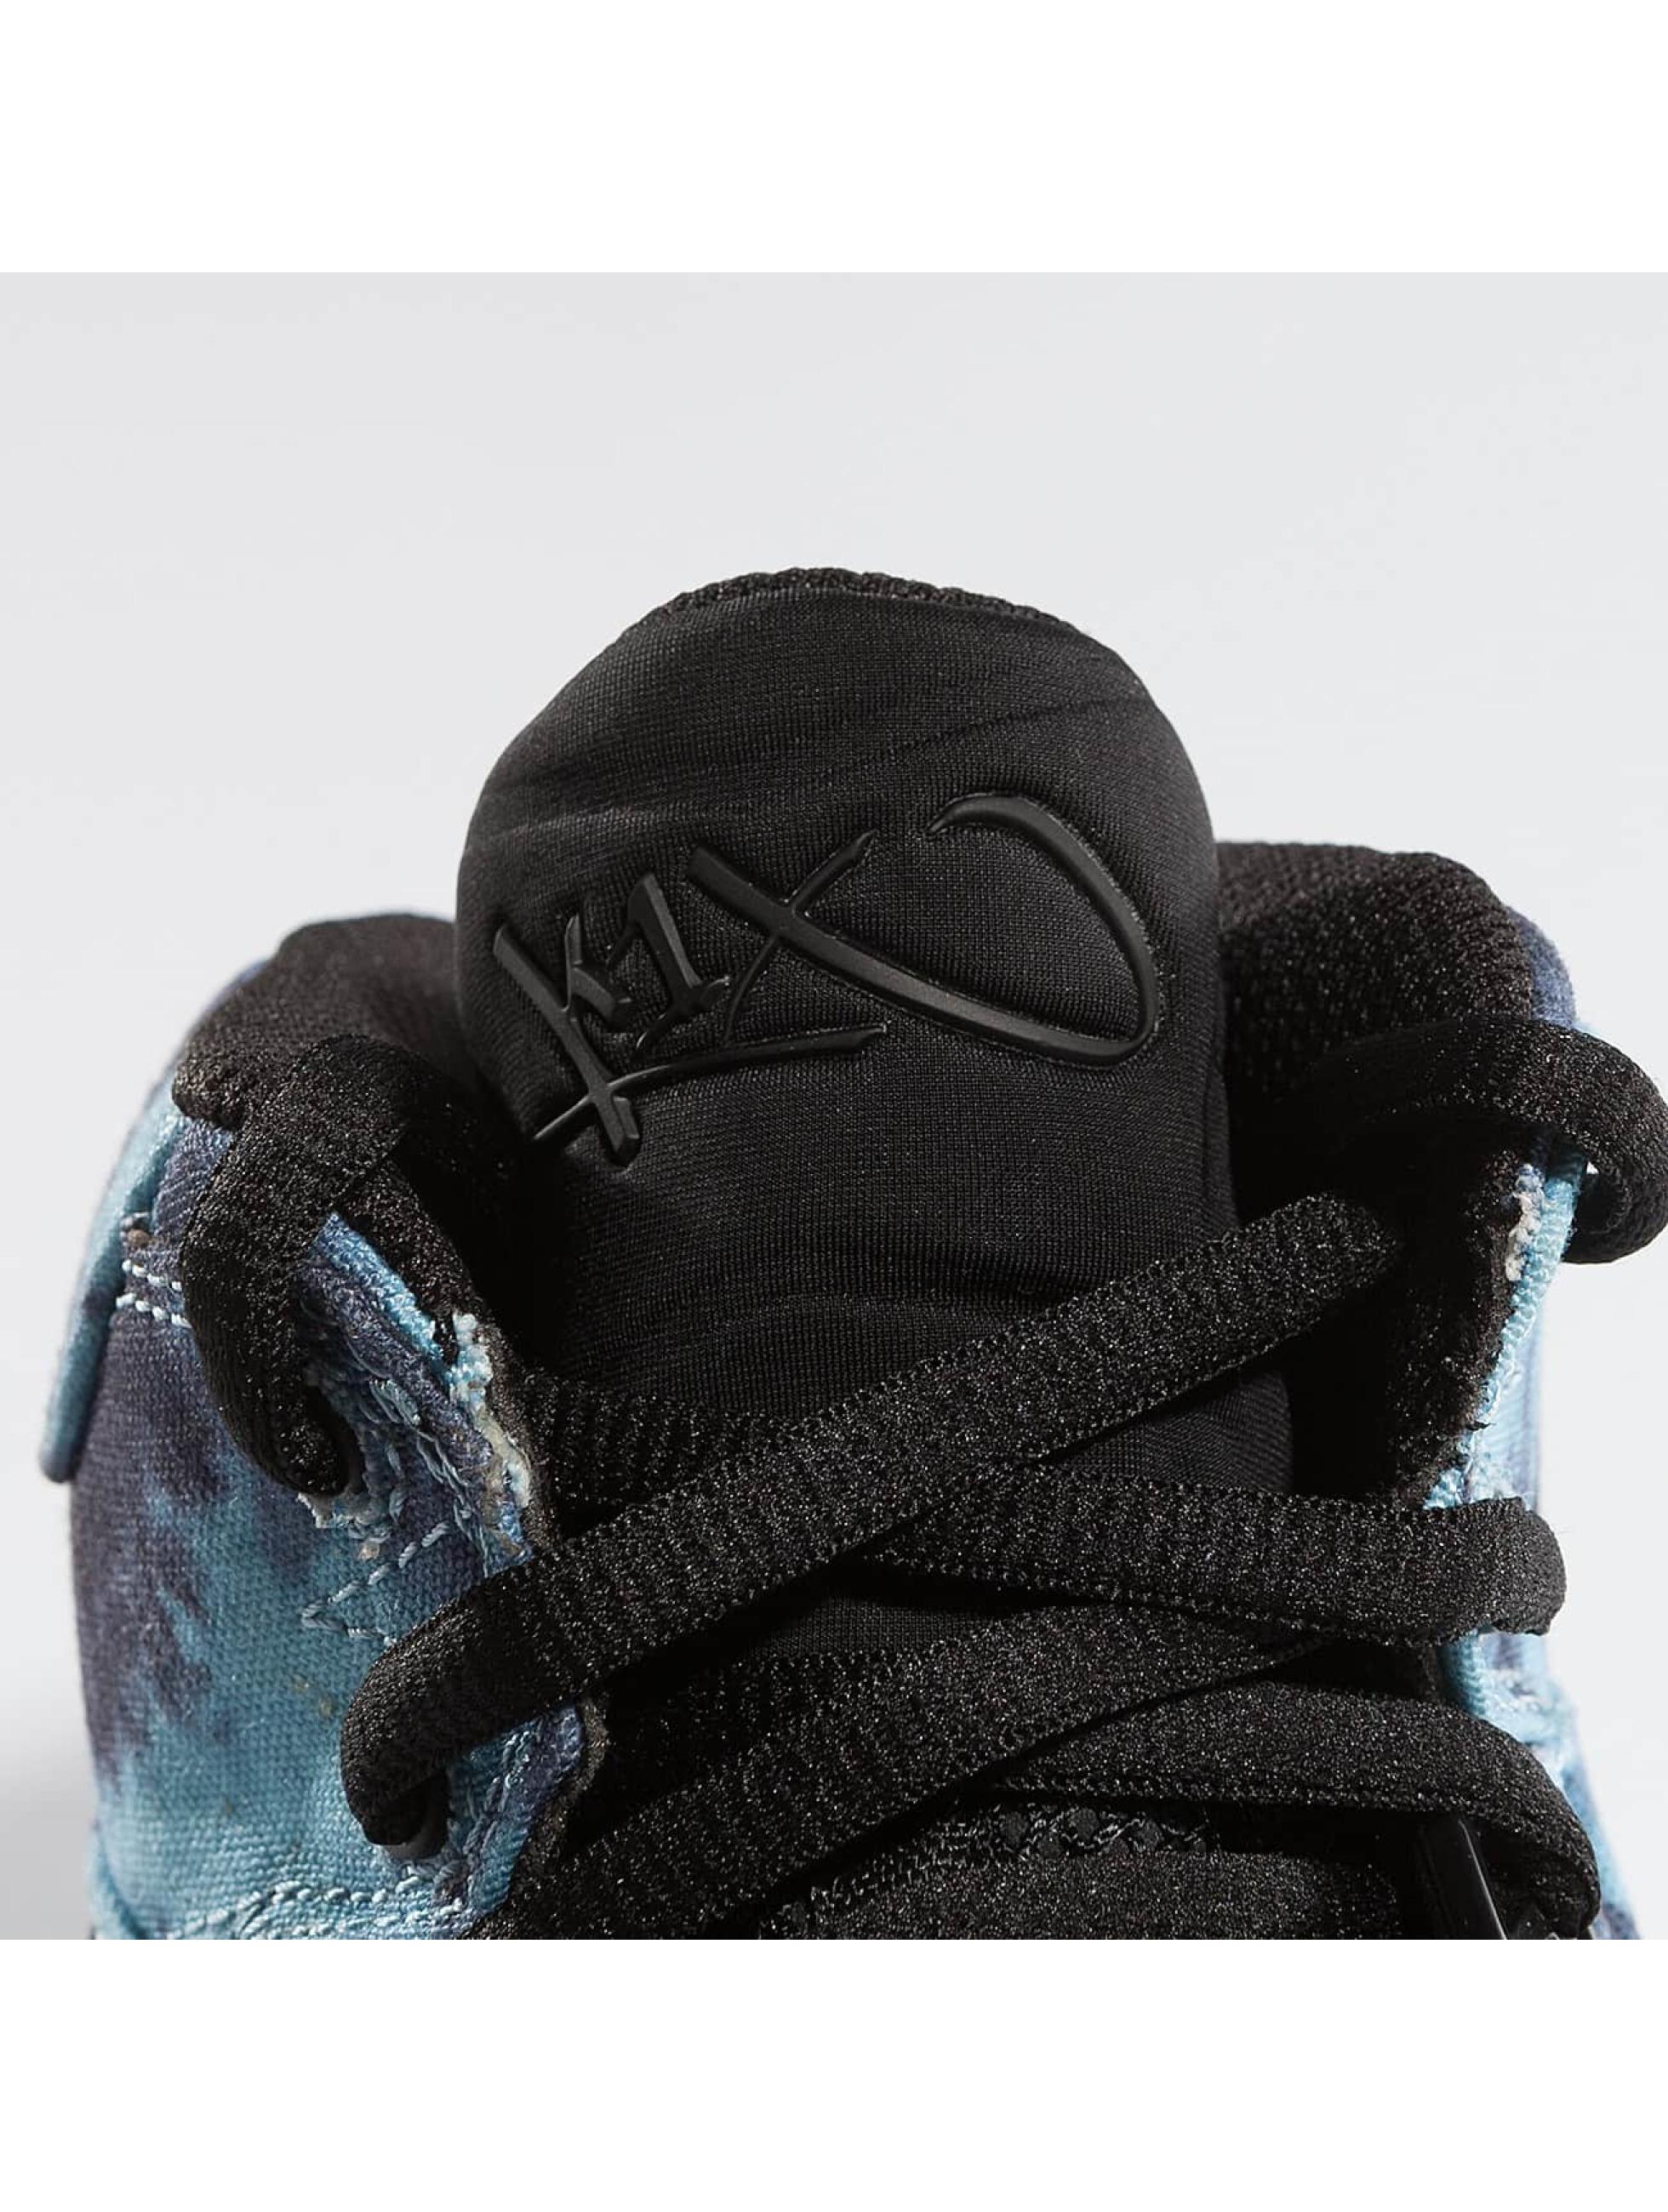 K1X Baskets Anti Gravity bleu